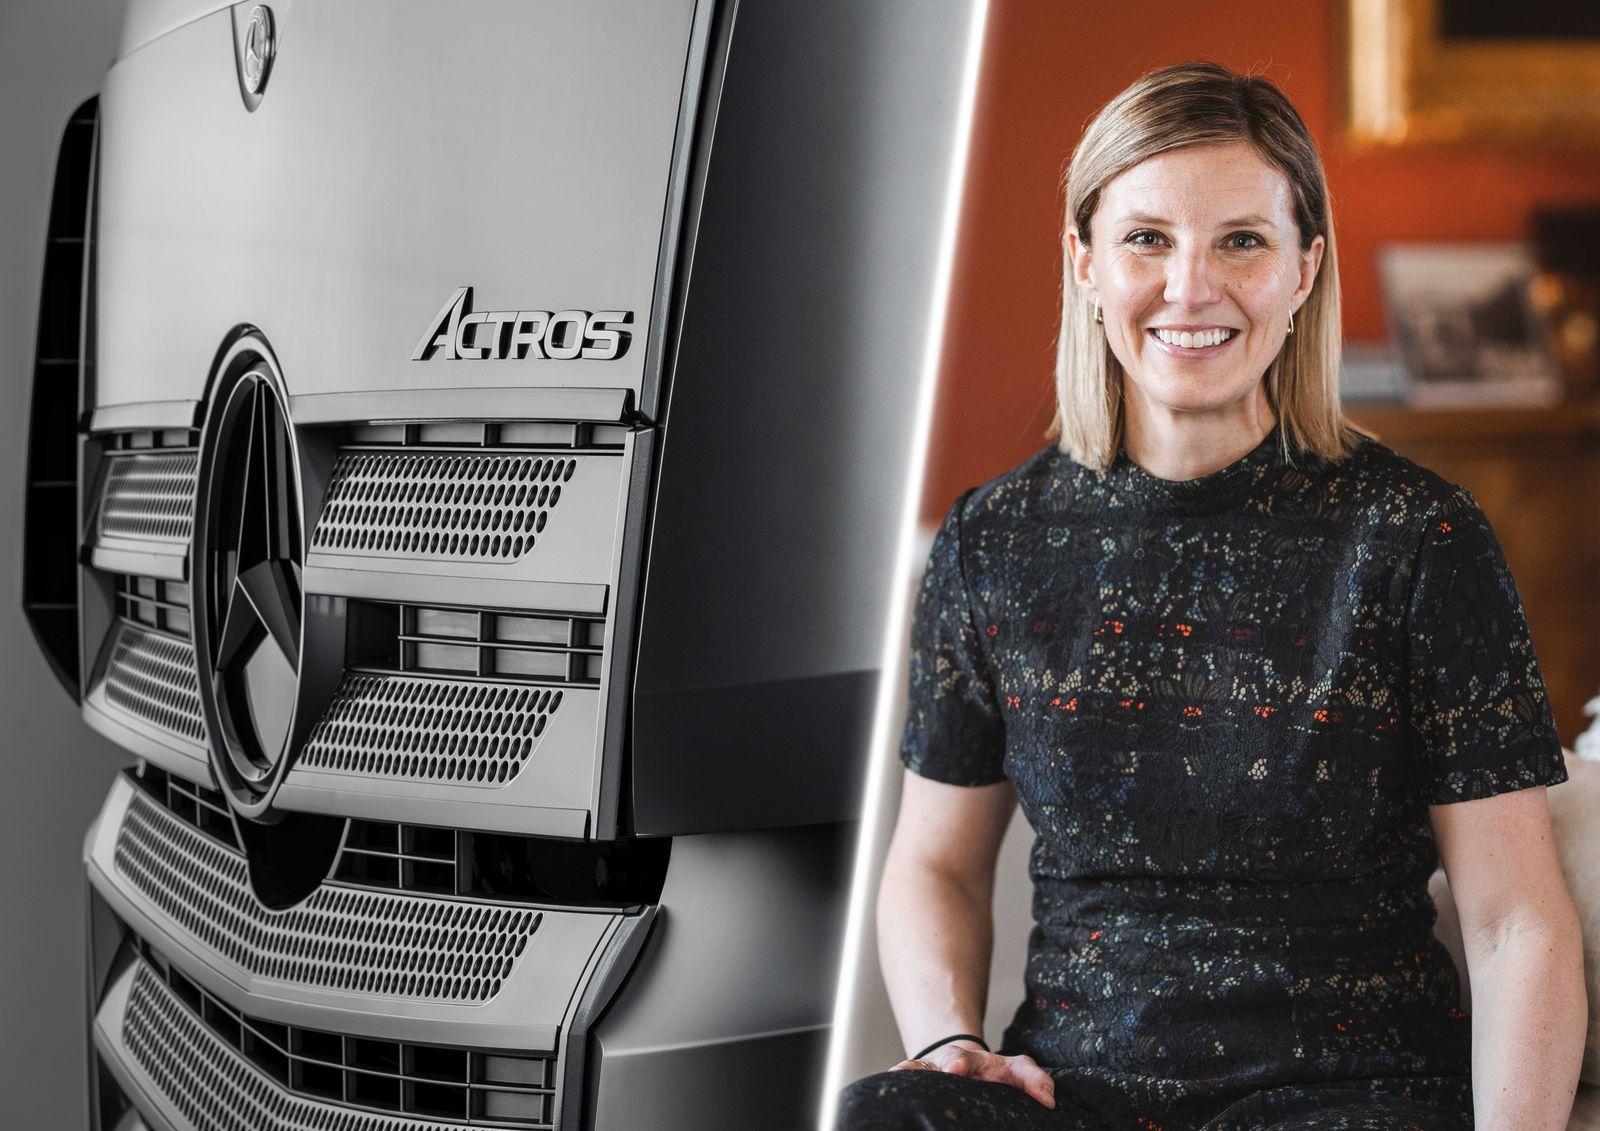 Willkommen an Bord: Karin Rådström übernimmt Leitung von Mercedes-Benz Lkw Welcome on board: Karin Rådström takes over management of Mercedes-Benz Trucks